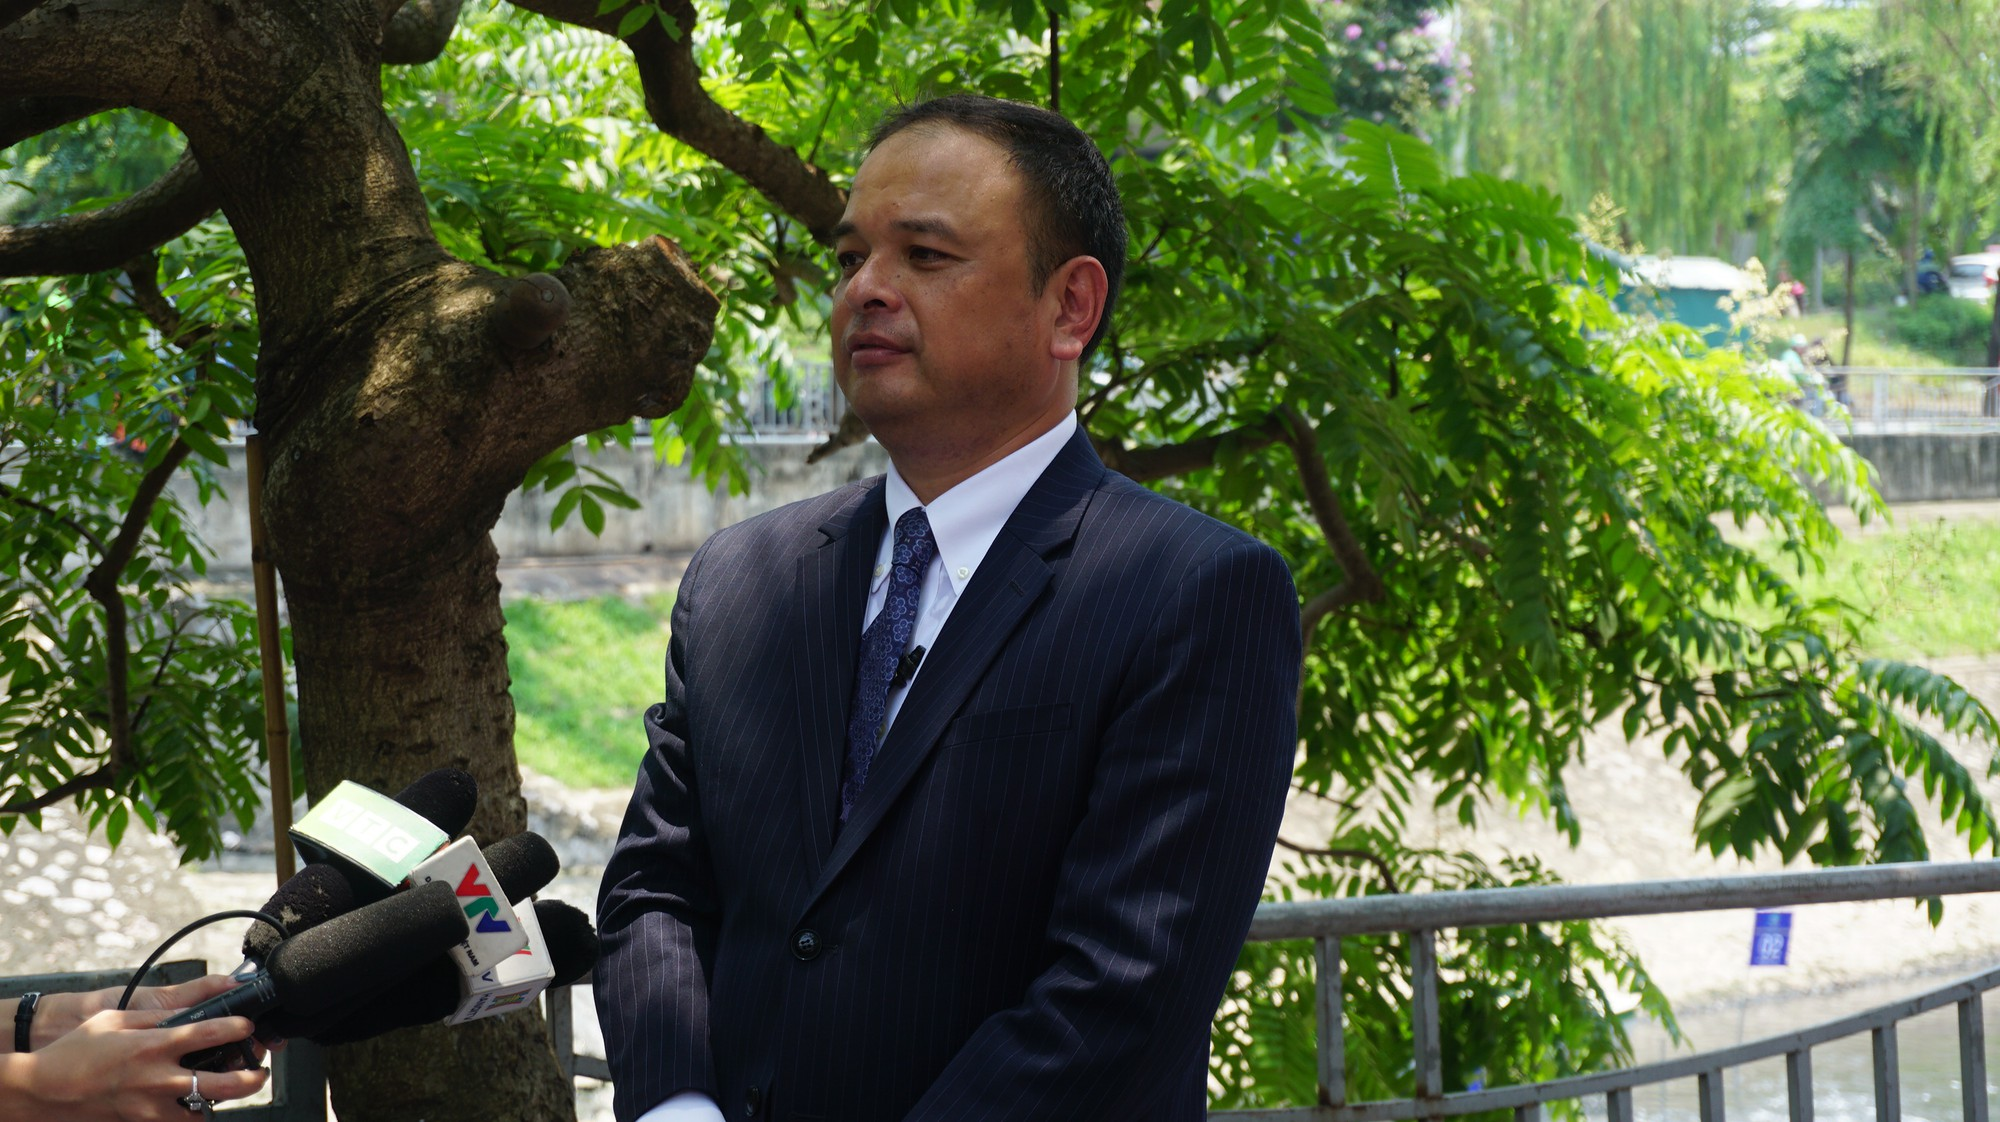 Khởi động dự án làm sạch sông Tô Lịch bằng công nghệ Nhật Bản - Ảnh 8.